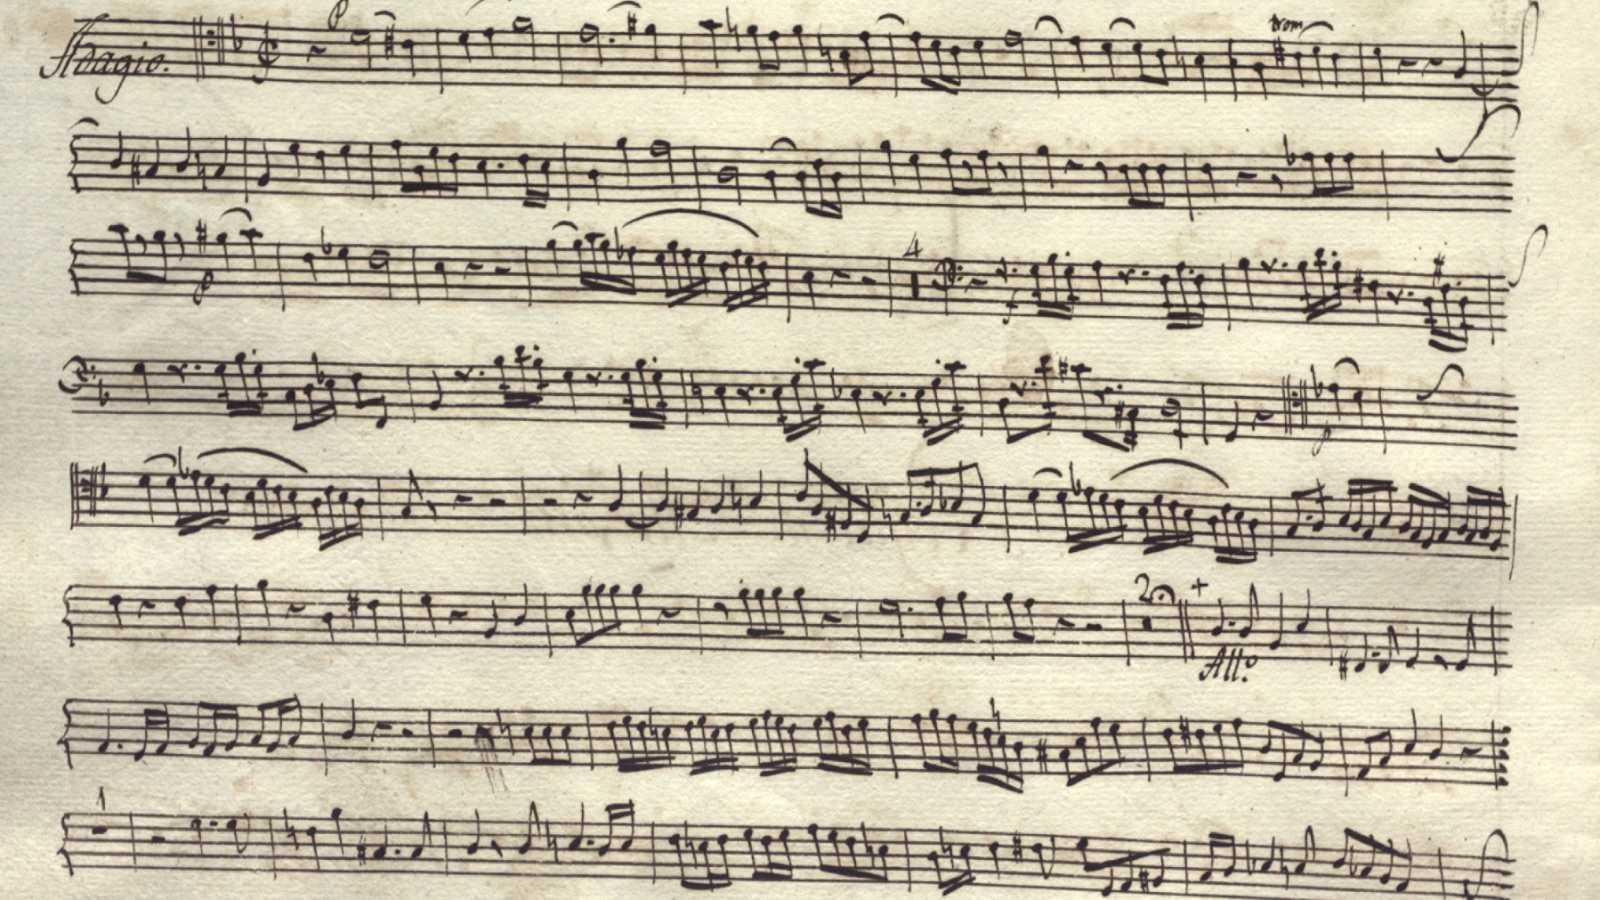 Reportaje sobre el 'Requiem' de Mozart en España - escuchar ahora